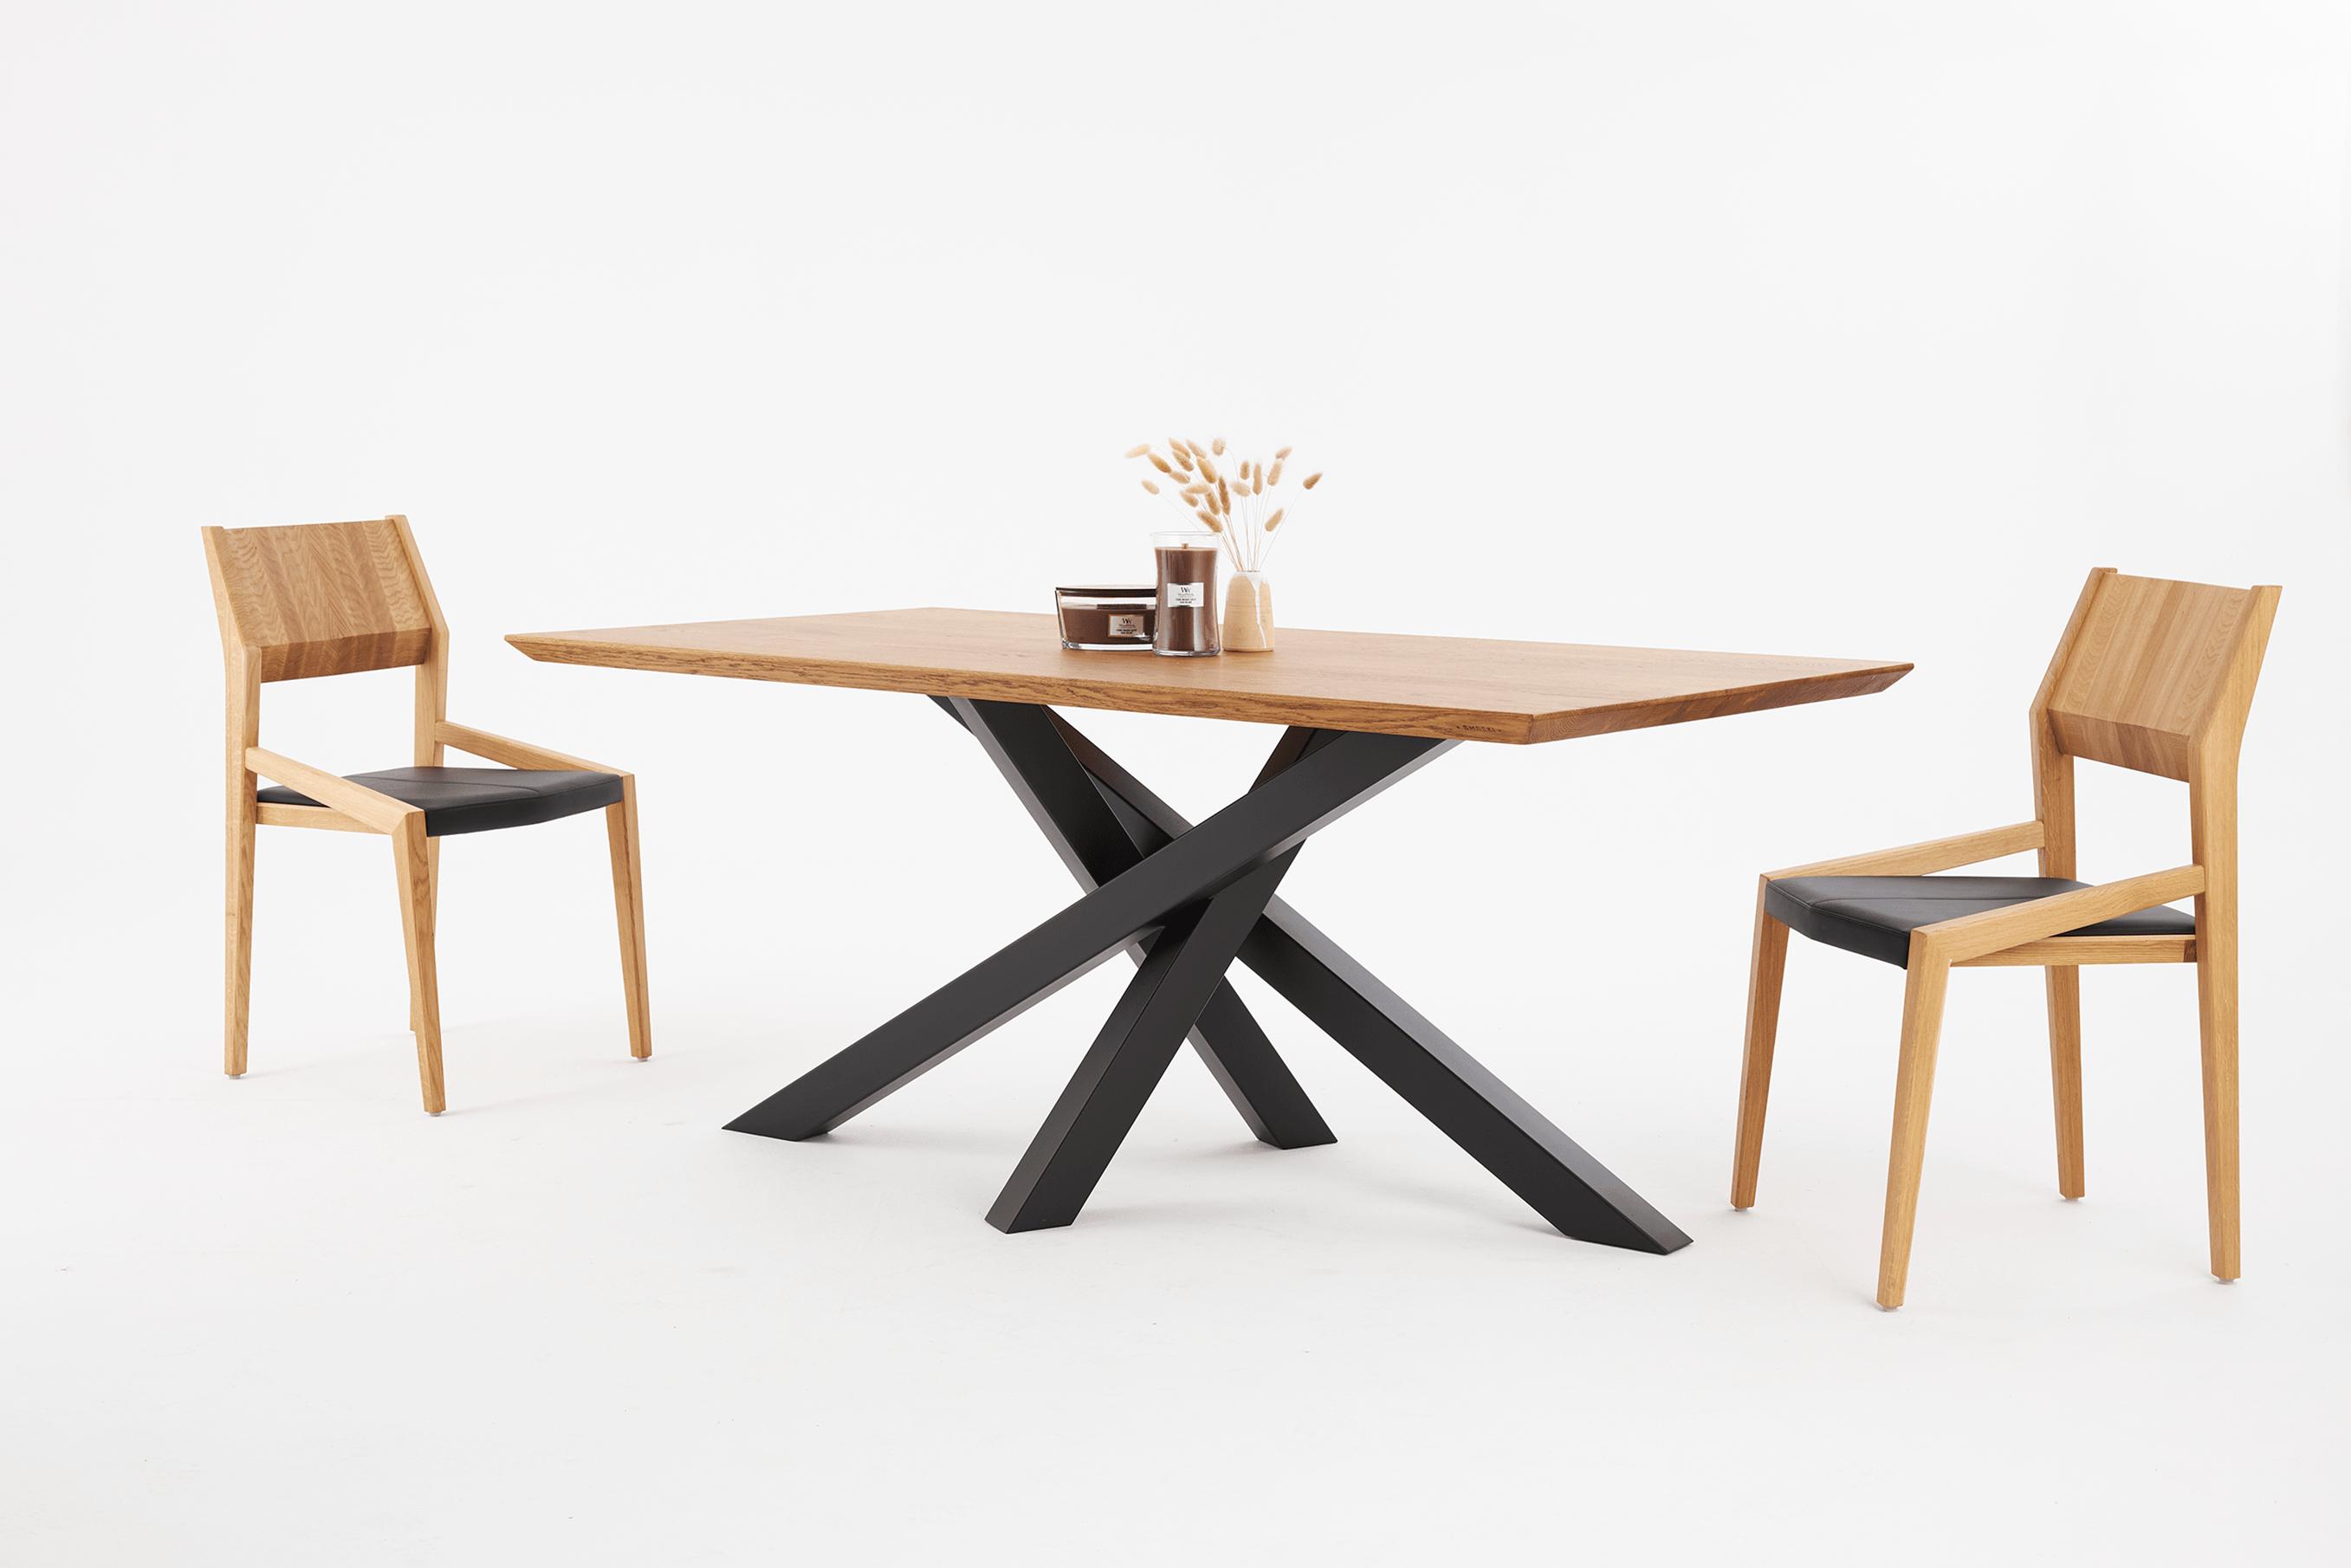 Stół dębowy na czarnych nogach, stół pająk i krzesła fameg arcos A-1403, Krzesło fameg arcos